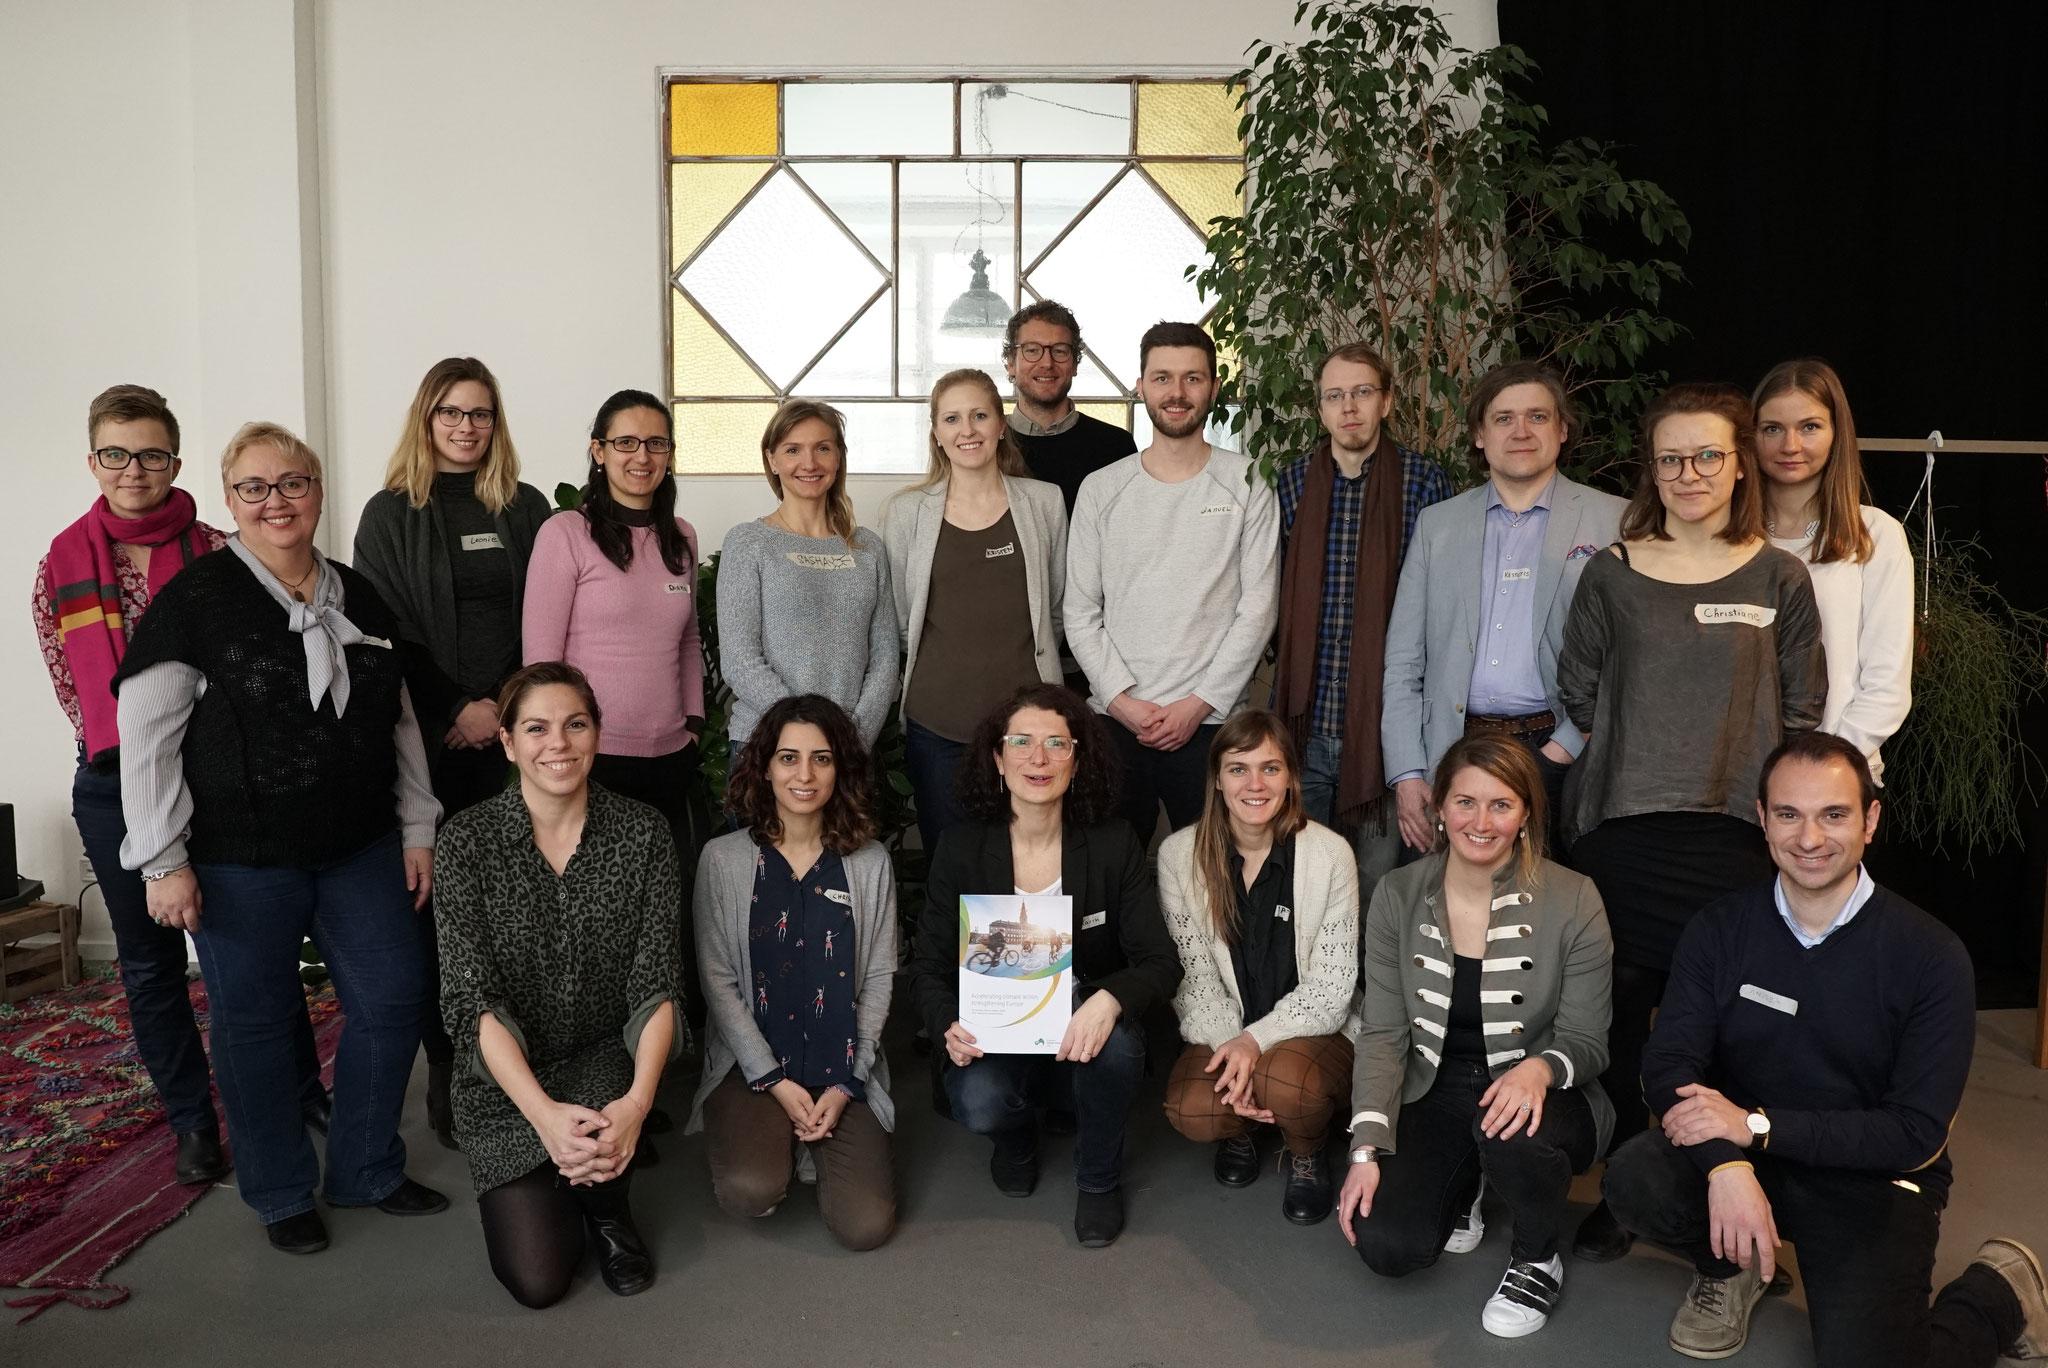 Angegliedert an die zweite EUKI Jahreskonferenz im März 2019 bot die GIZ im Rahmen der EUKI Academy ein PR-Training für die erfolgreiche Kommunikation der EUKI-Projekte.